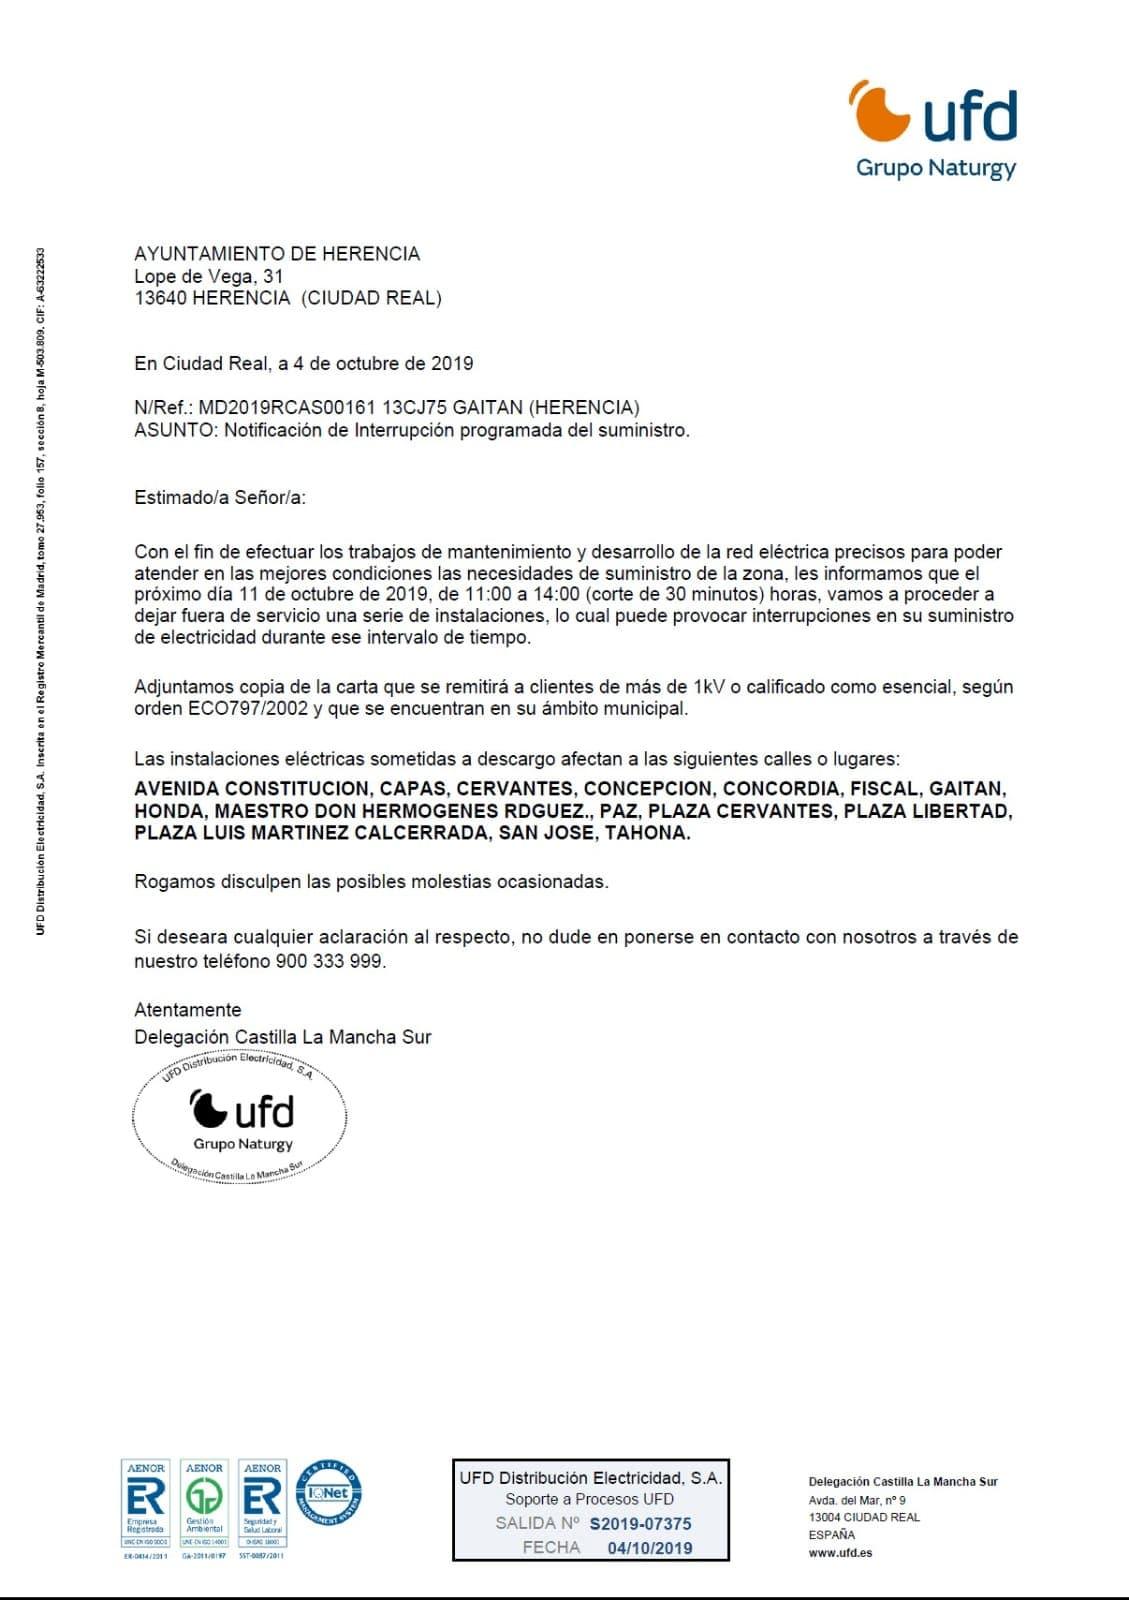 cortes en suministro electrico programados herencia 2019 - Cortes de suministro eléctrico para el próximo 11 de octubre